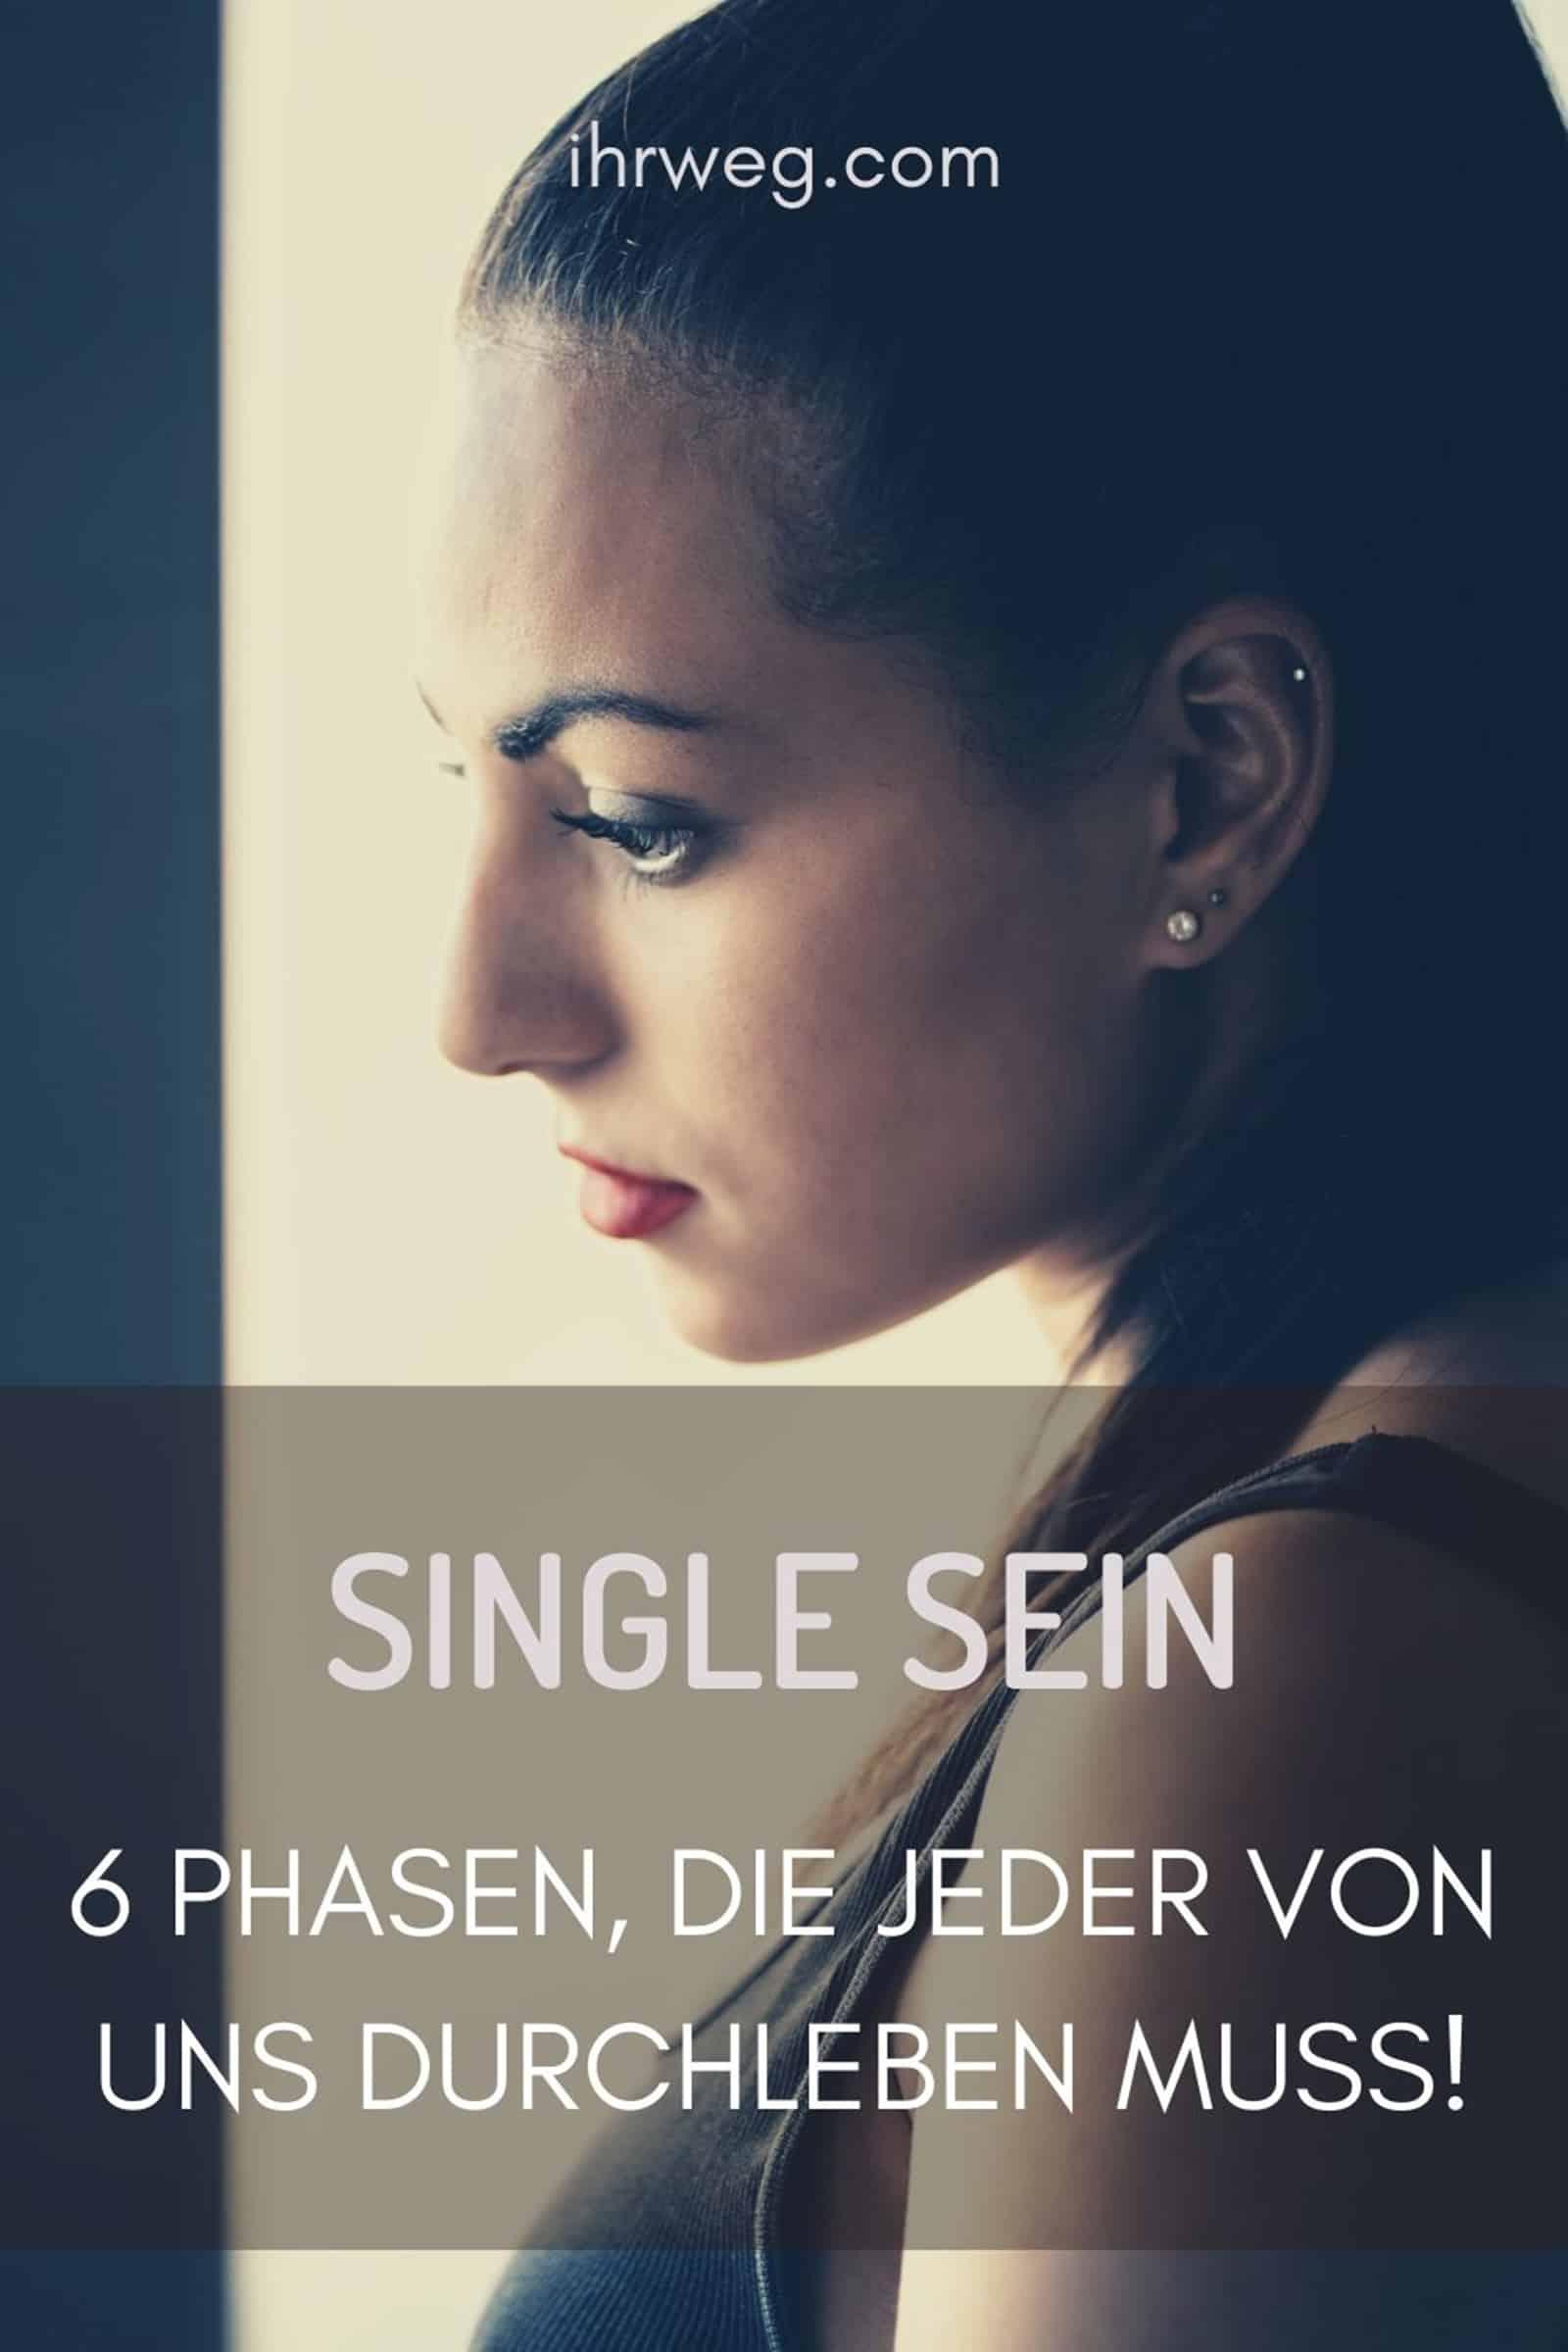 Single Sein: 6 Phasen, Die Jeder Von Uns Durchleben Muss!